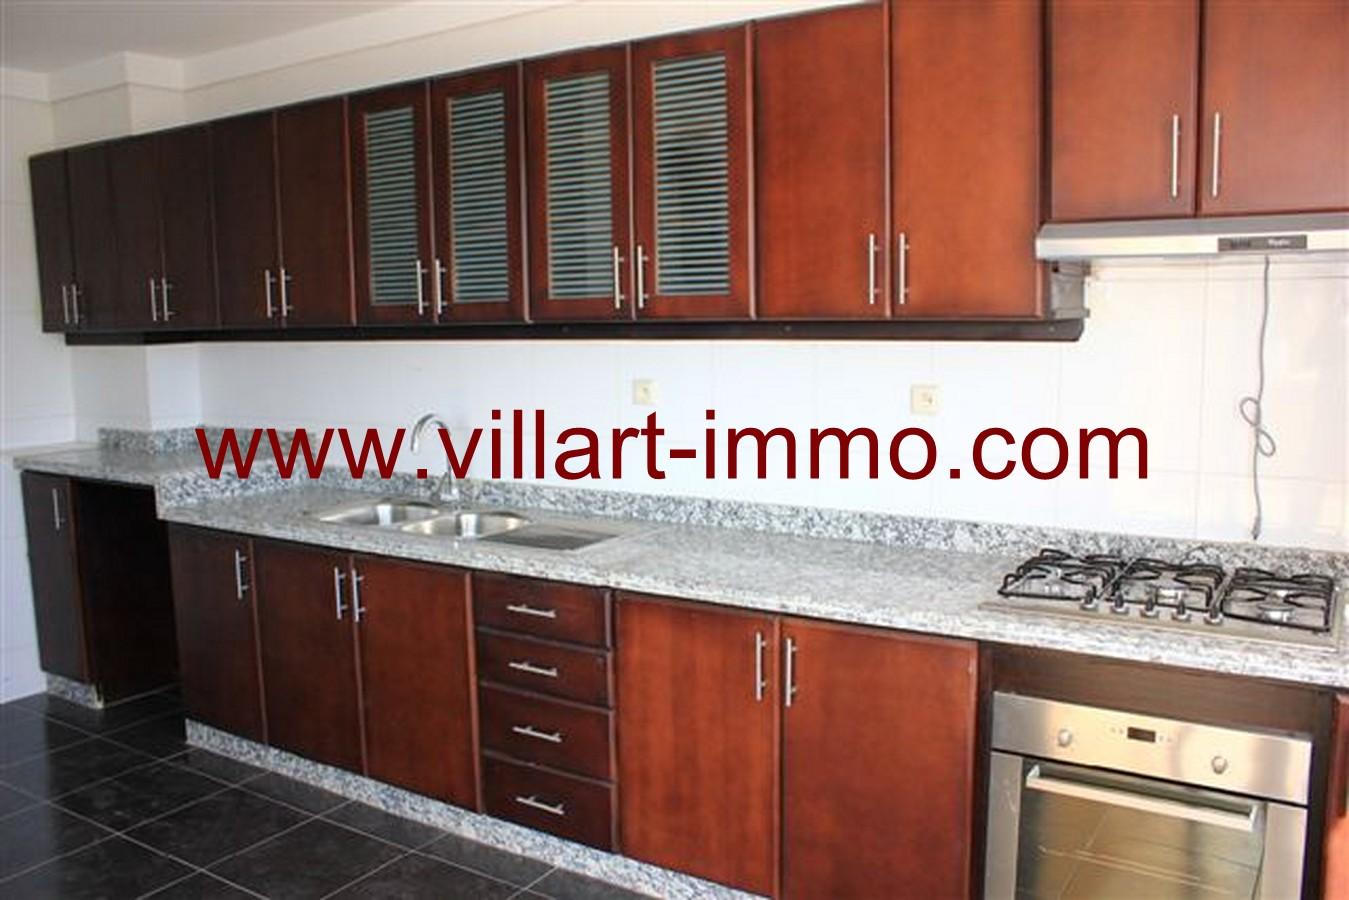 7-Vente-Appartement-Tanger-Malabata-Projet-MIR3-Villart Immo